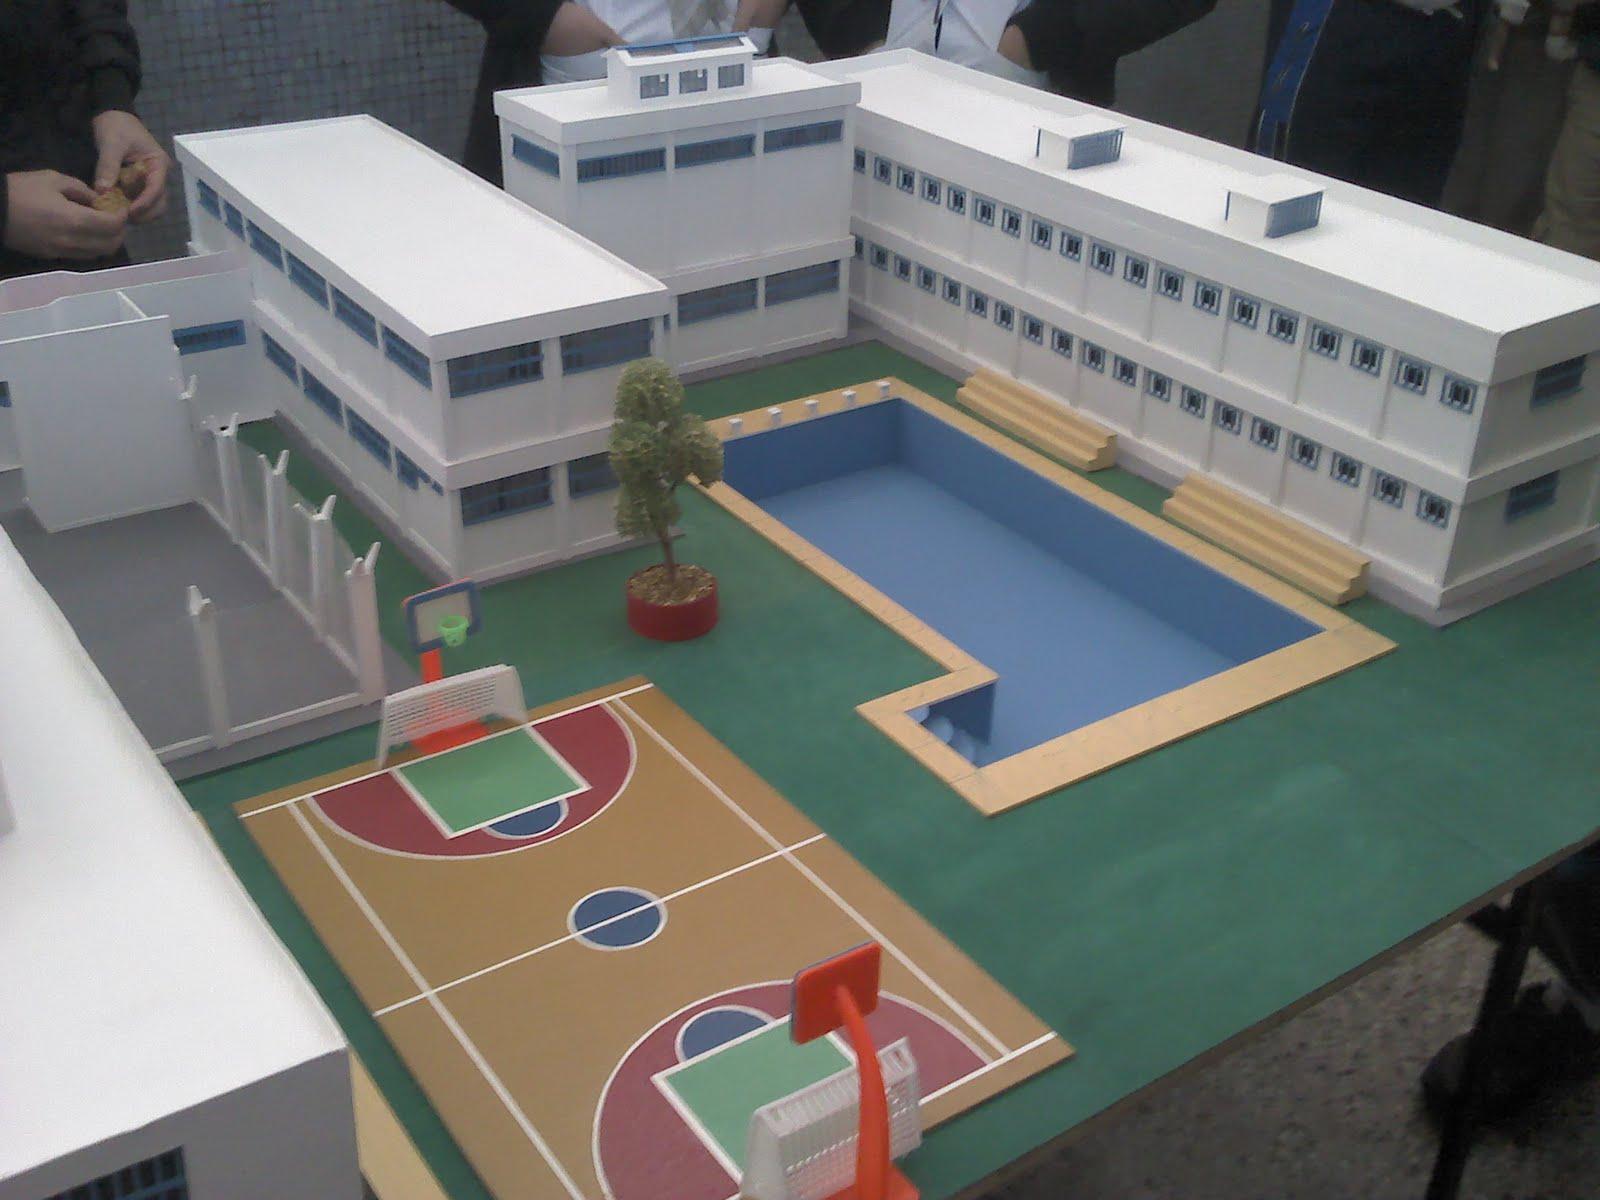 Eempa n 1316 y escuela primaria n 2001 obra de teatro for Como construir una pileta de natacion de material